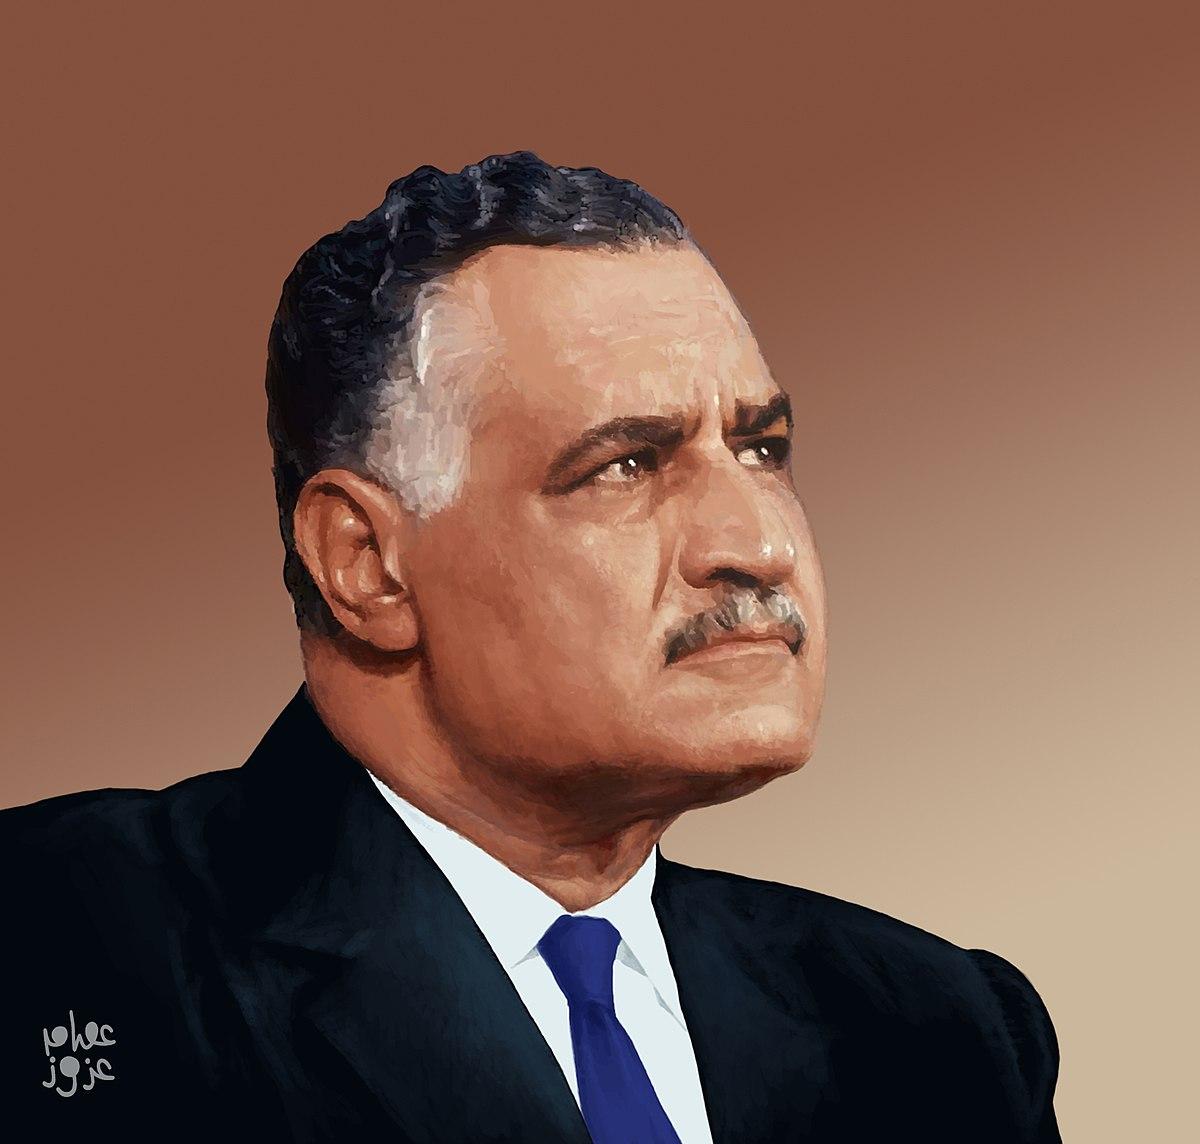 جمال عبد الناصر - ويكيبيديا